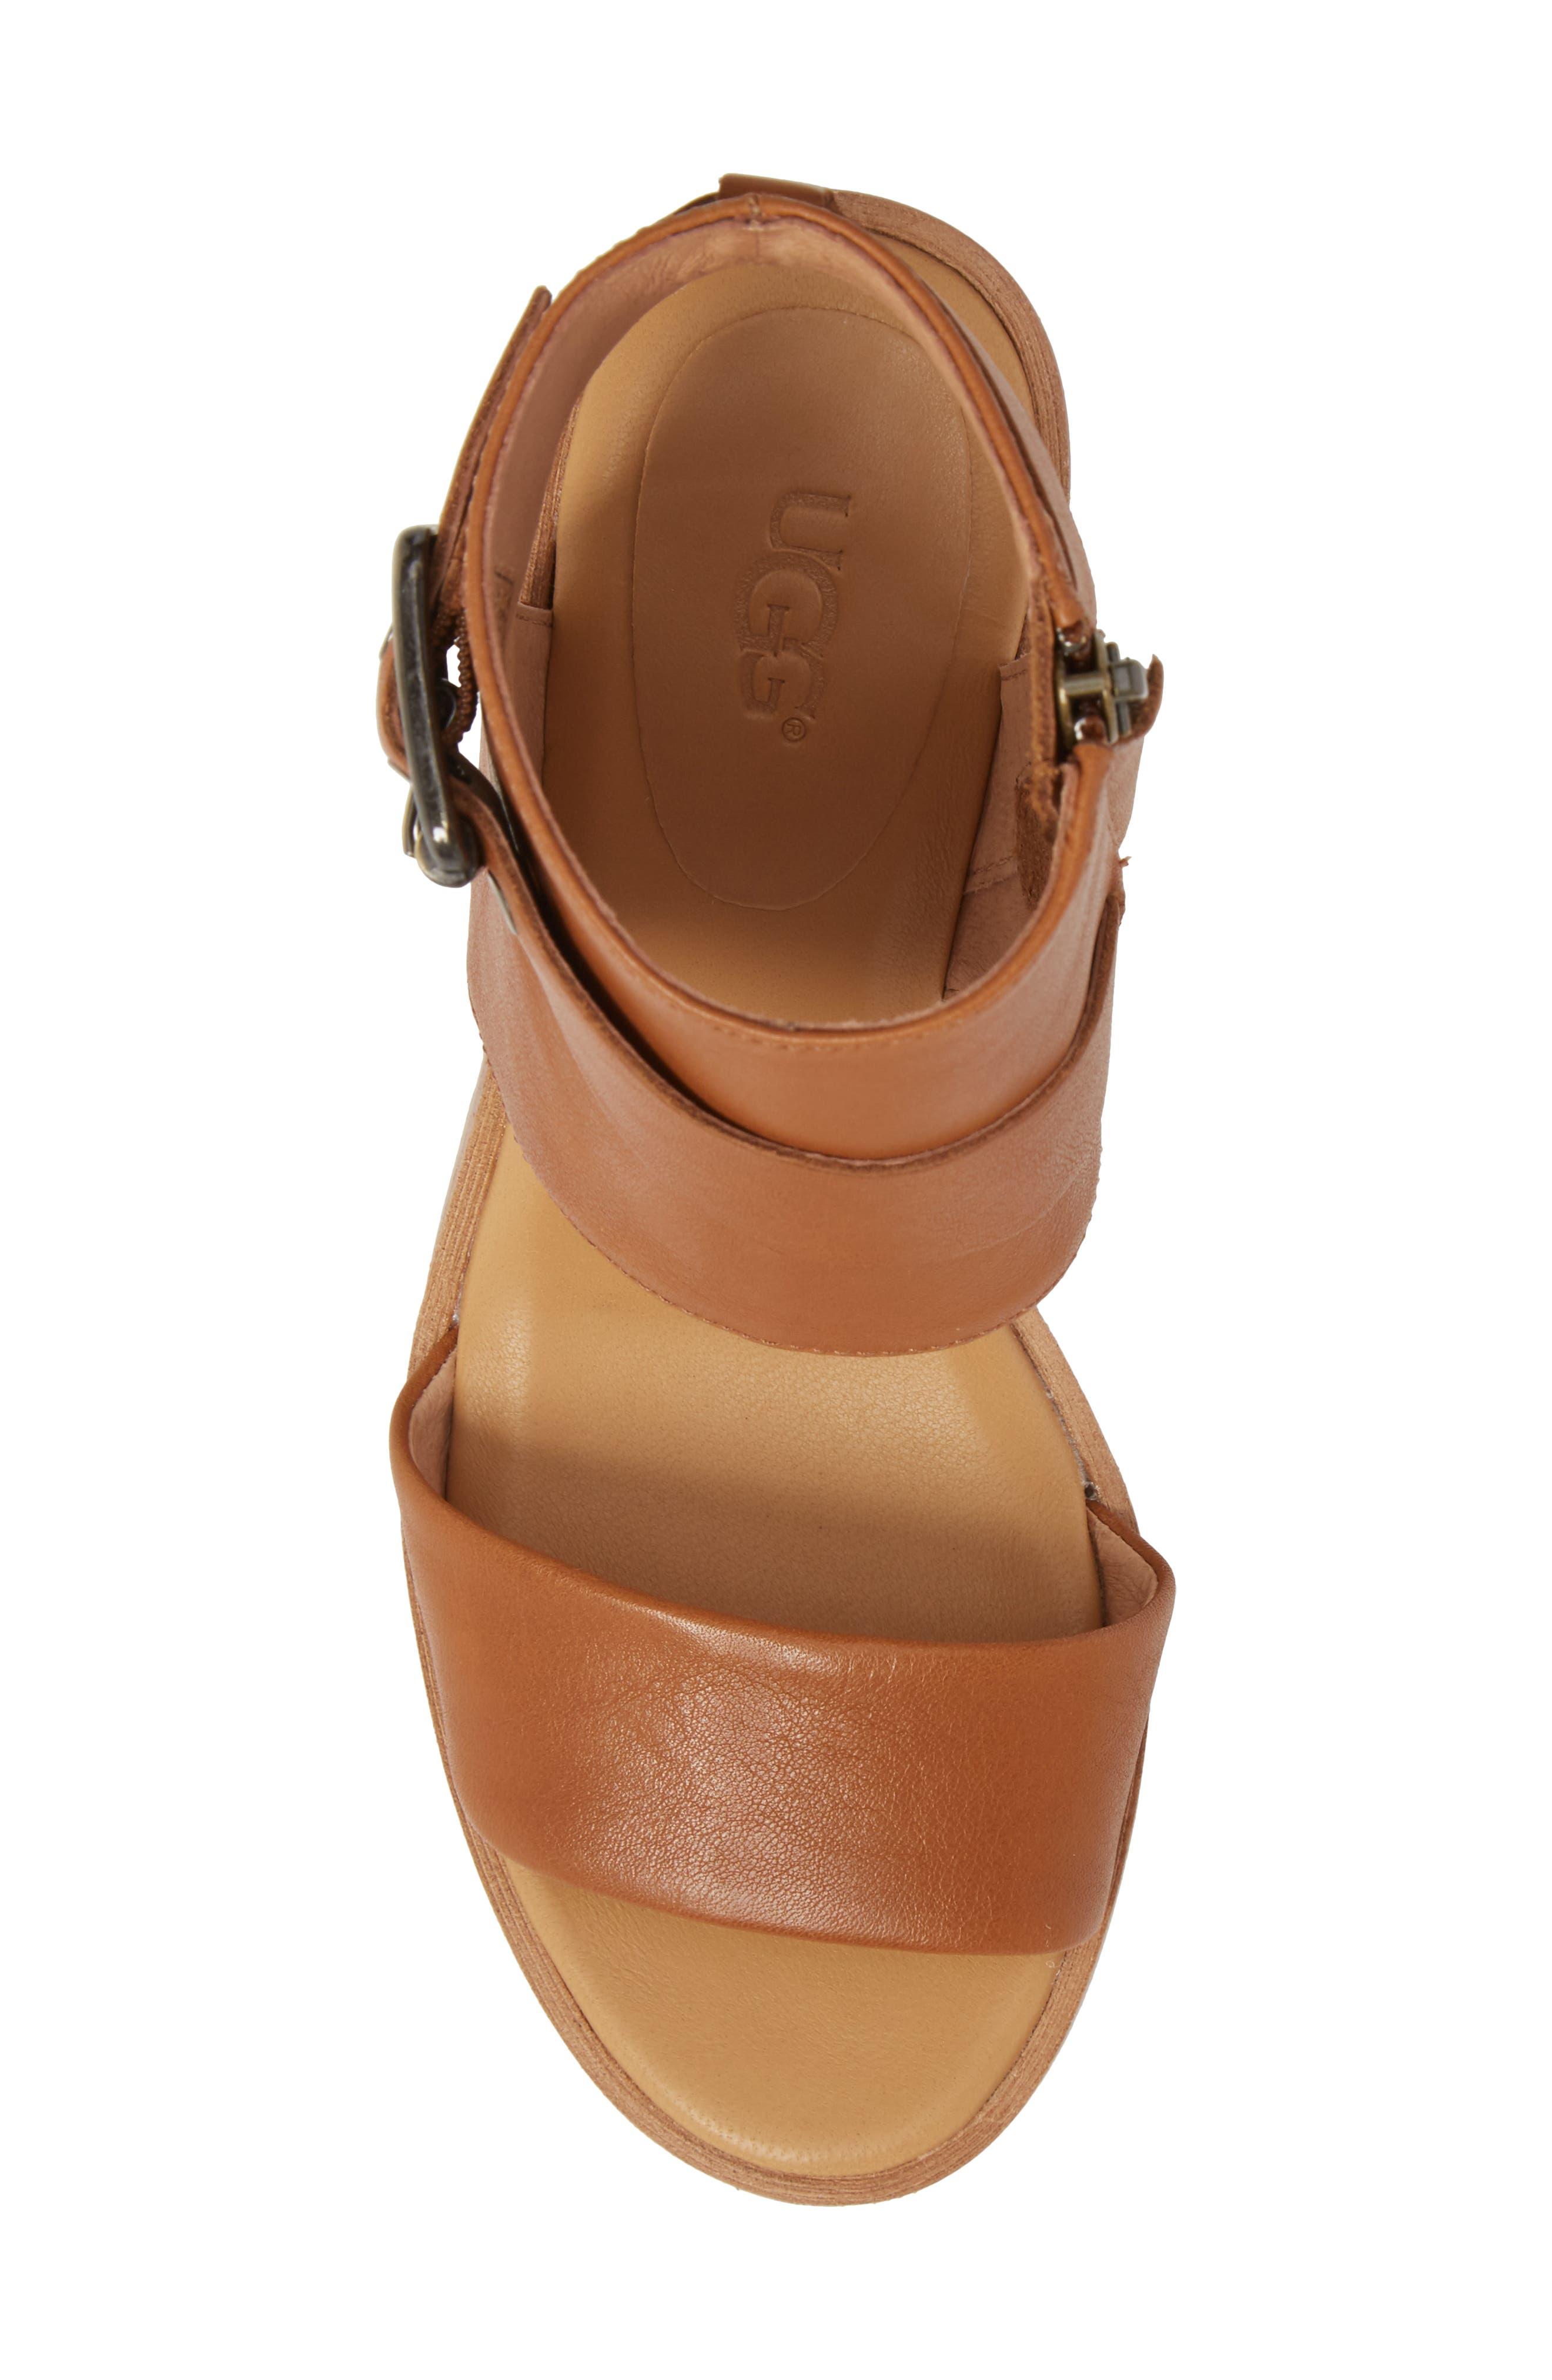 Claudette Cuff Sandal,                             Alternate thumbnail 5, color,                             Almond Leather